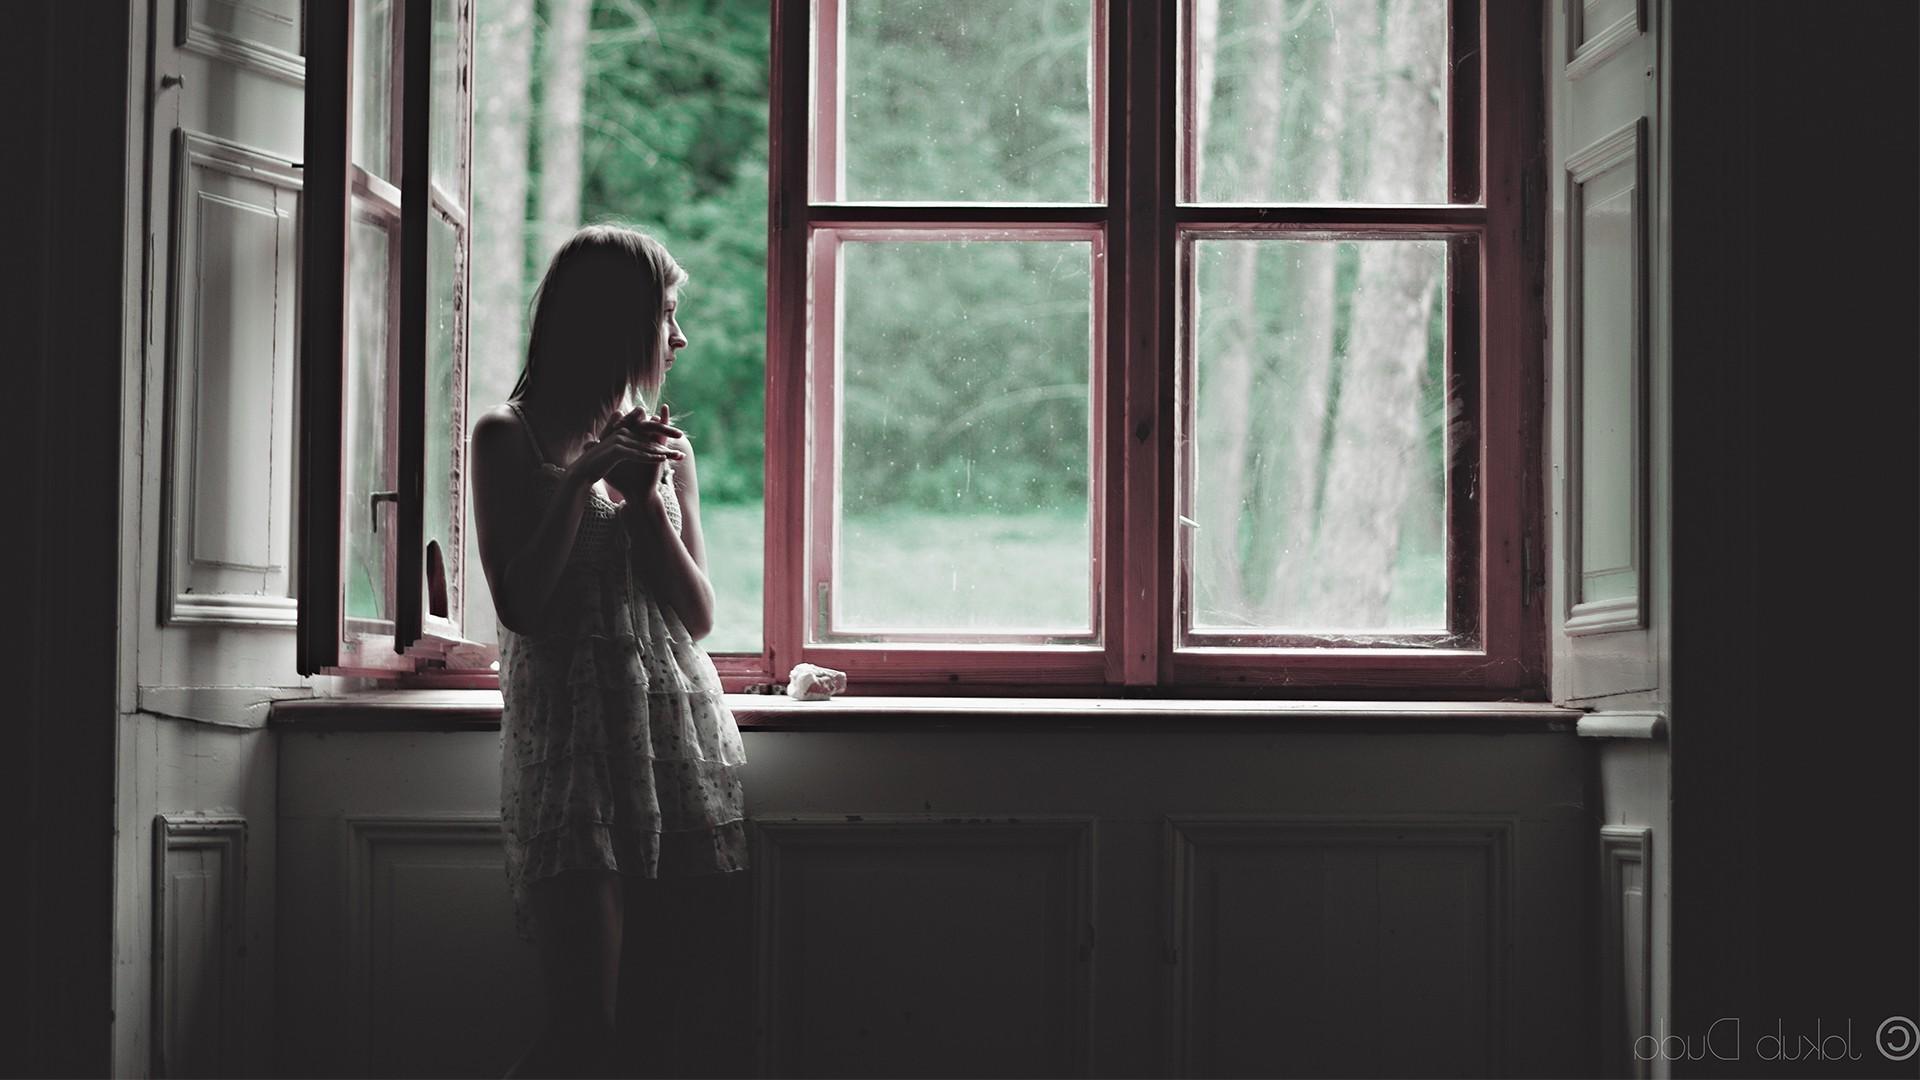 Картинки грустная женщина у окна, картинки